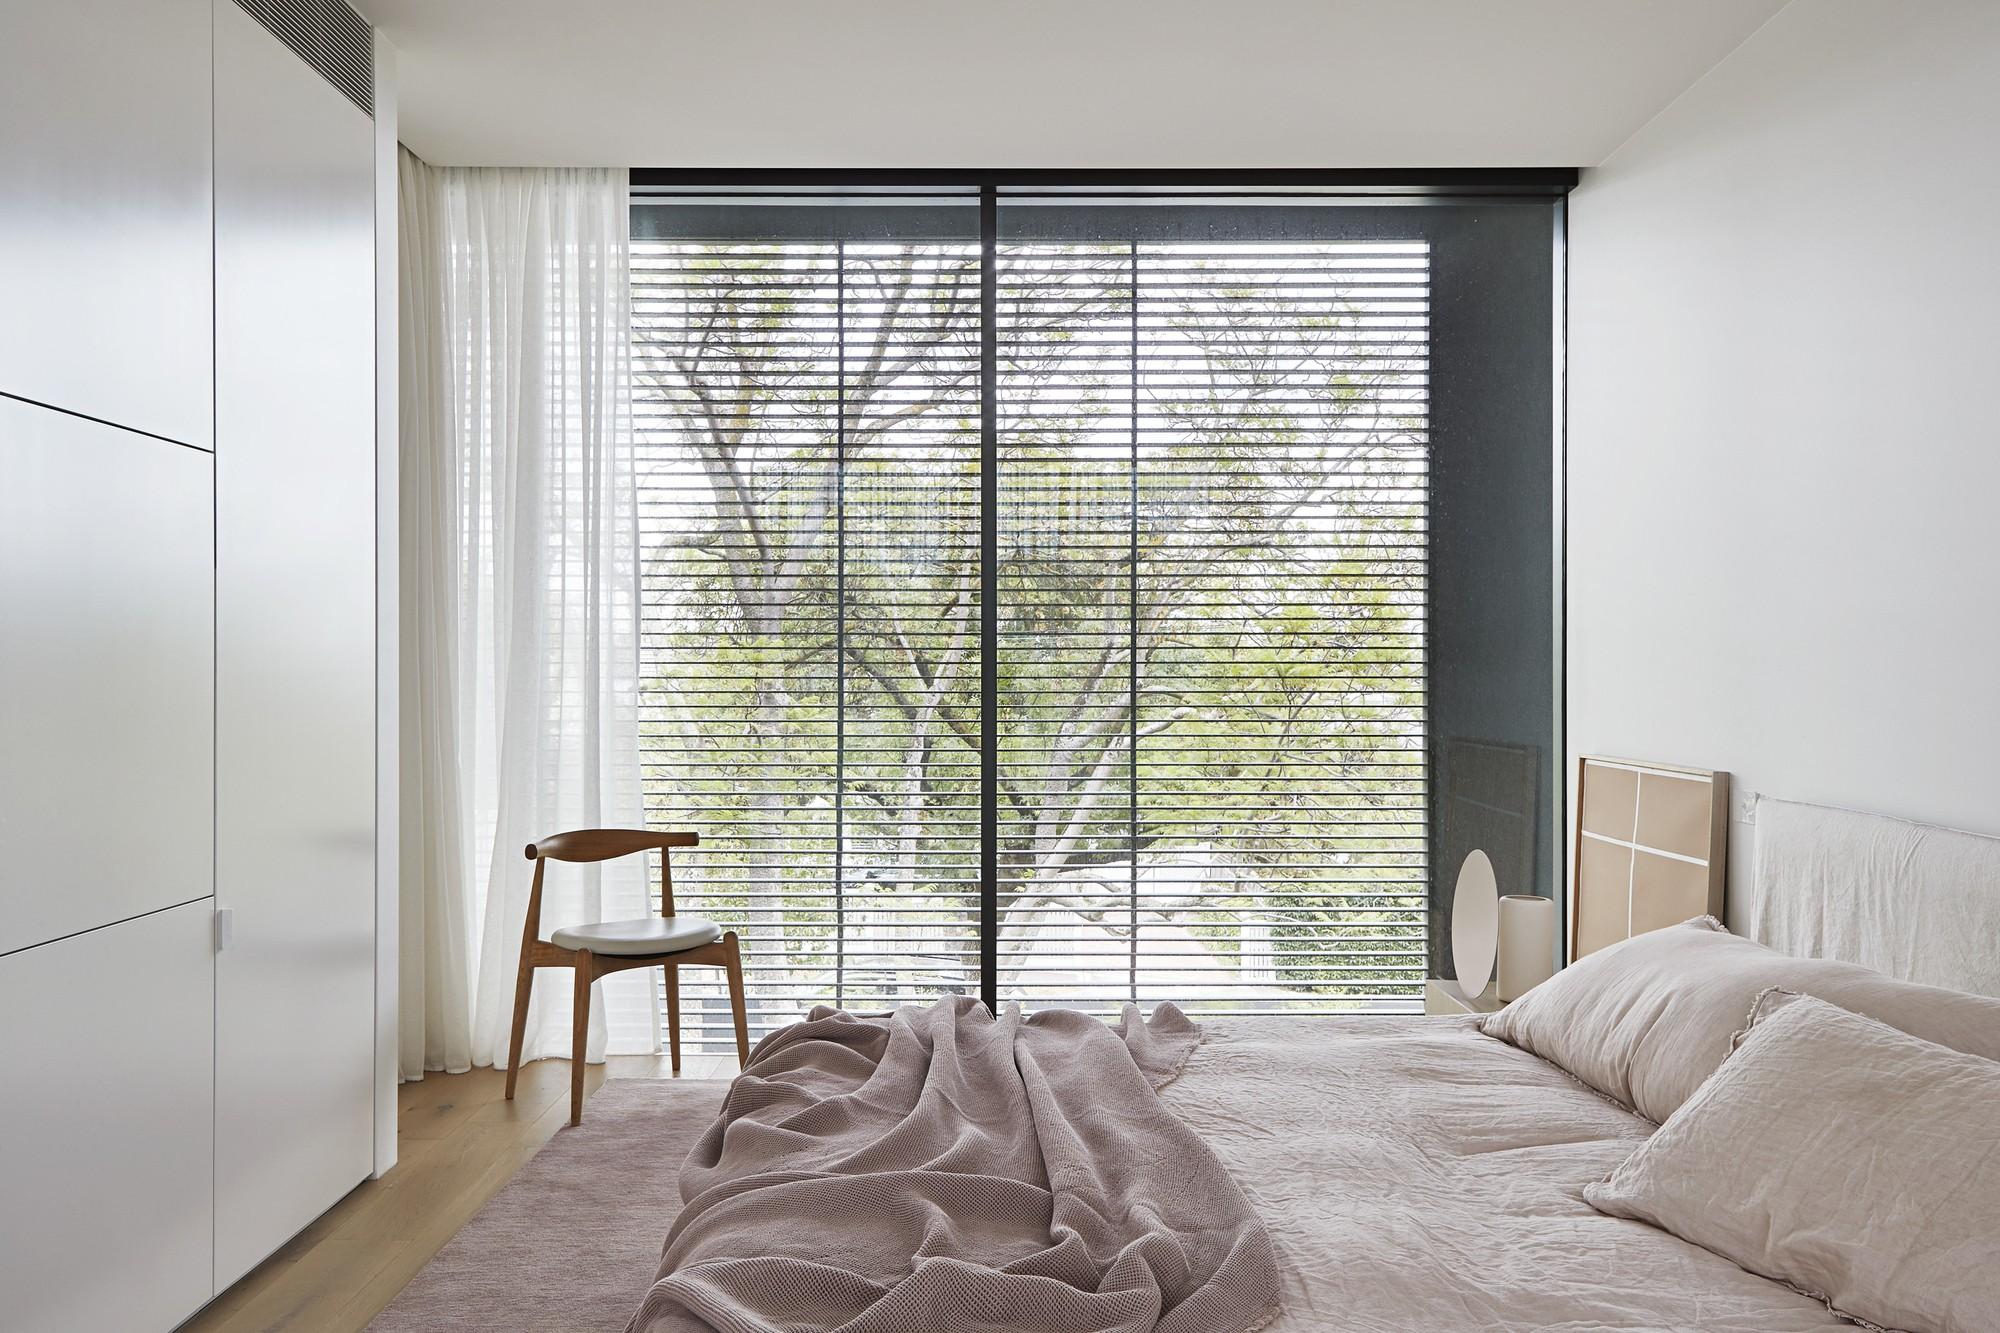 Décor do dia: quarto minimalista com janela do chão ao teto